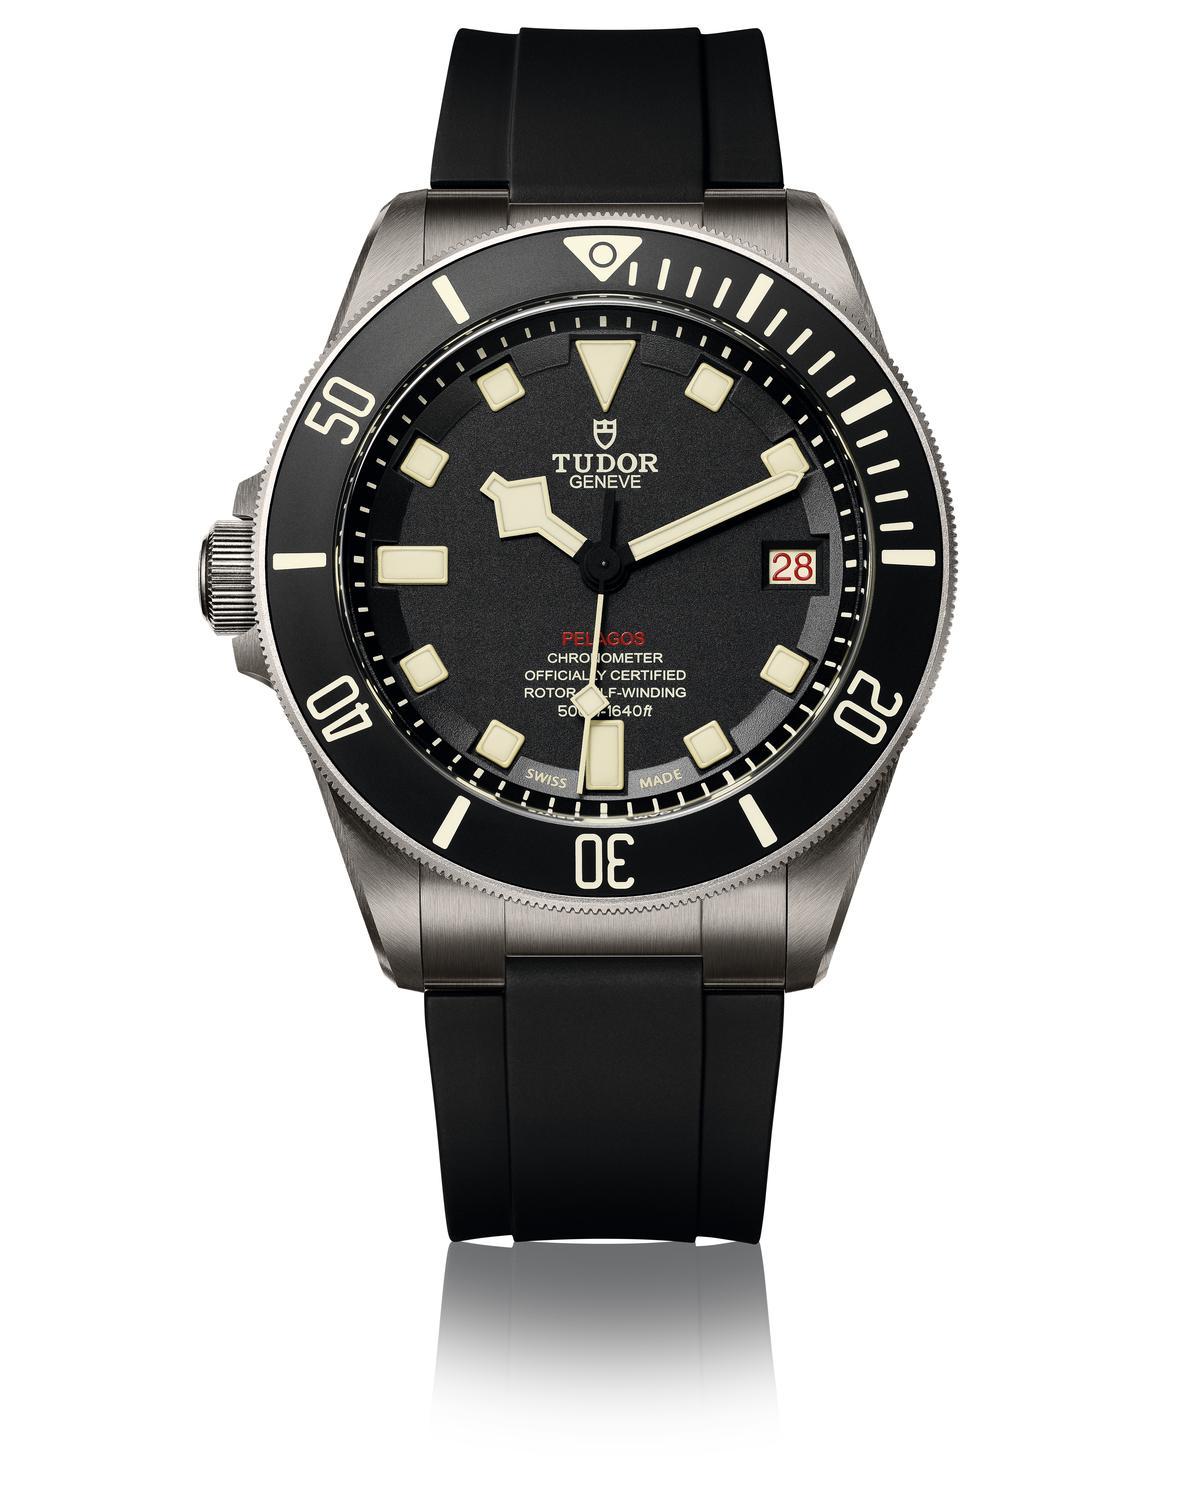 獨特的設計概念,對於這個品牌來說,是近年來唯一的左手錶設計。